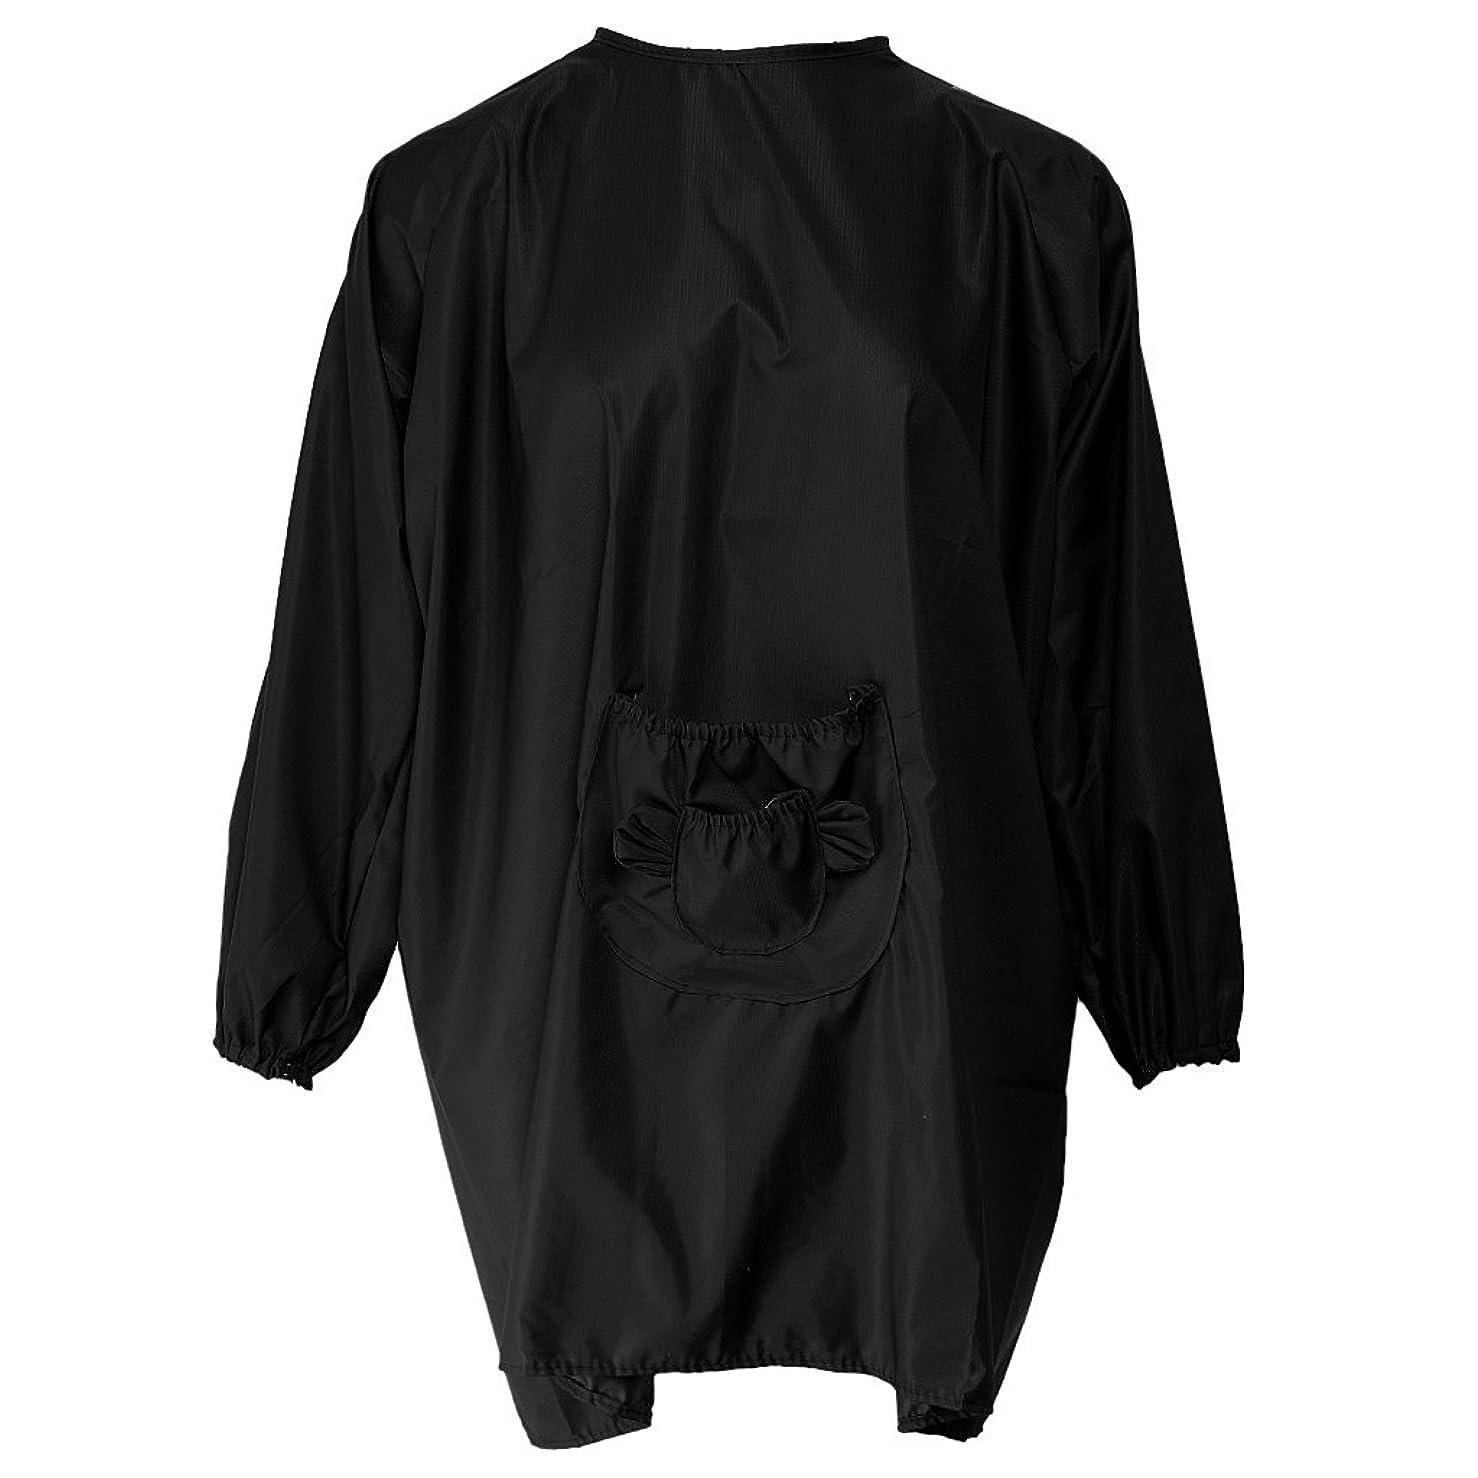 オーバードローかんたんそれらLovoski ヘアケアケープ ヘアカット エプロン 散髪エプロン プロ サロン 美容院 ヘアスタイリング 防水 5色選べ - ブラック